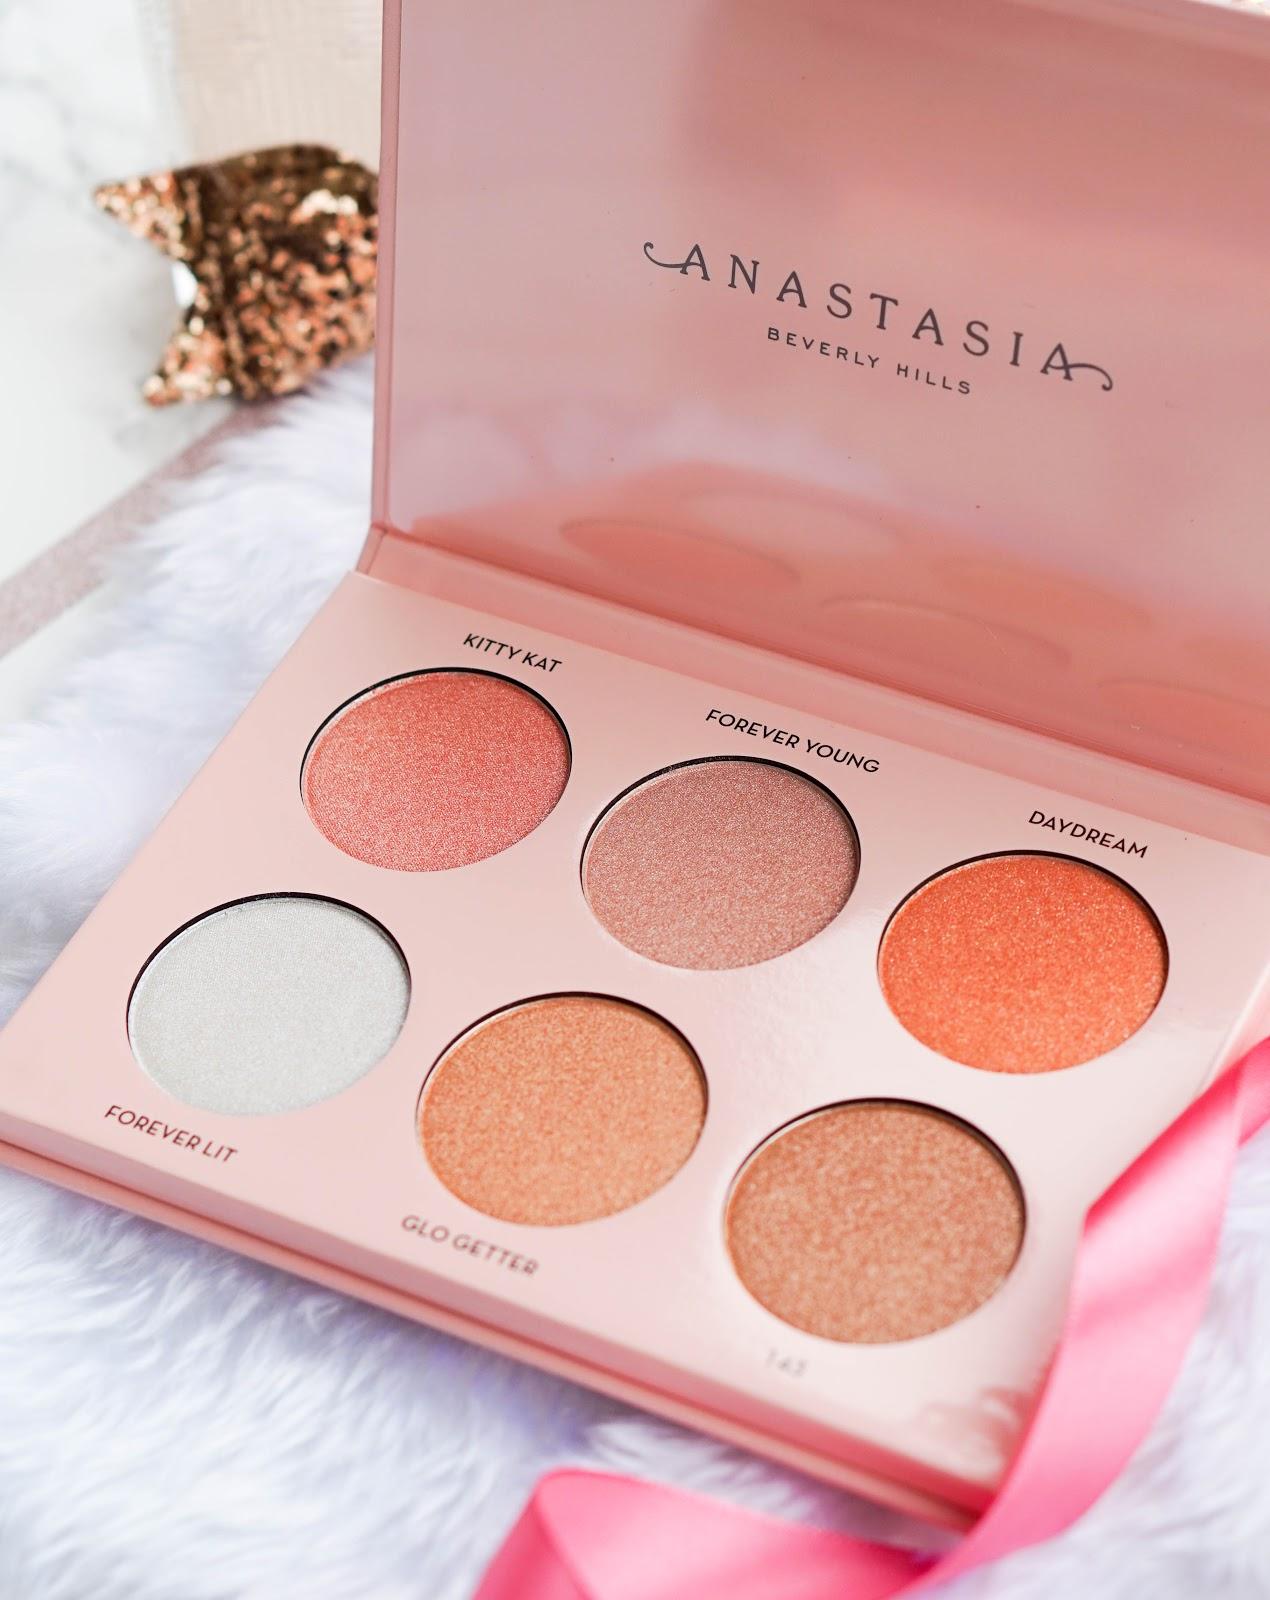 Anastasia Beverly Hills X Nicole Guerriro Glow Kit